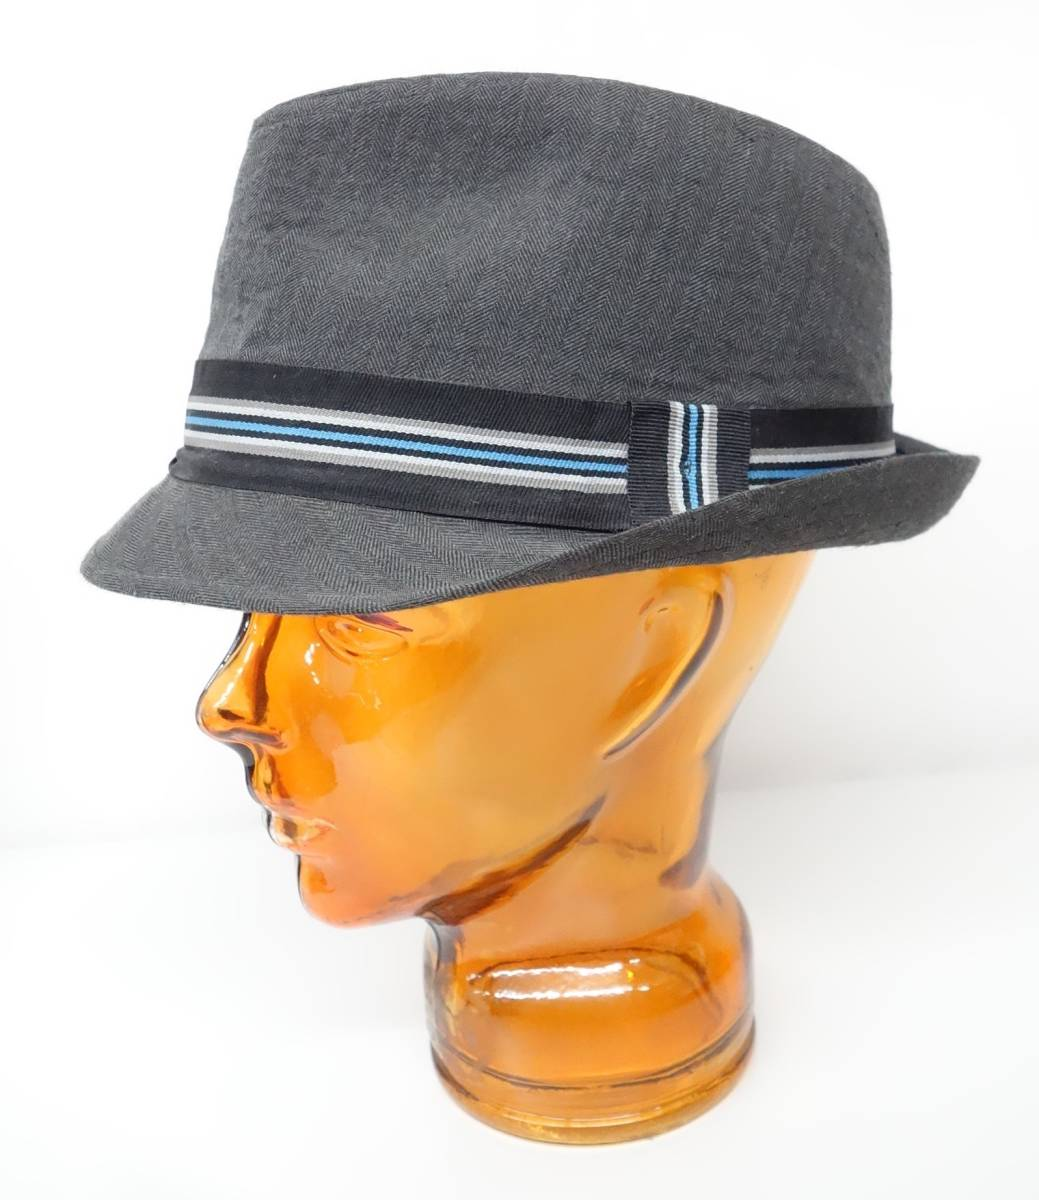 35c77124a098 代購代標第一品牌- 樂淘letao - Calvin Klein カルバンクライン*中折れ帽ソフトハットL/XL  *お色グレー系ヘリンボーンストライプ*ロゴ総柄裏地